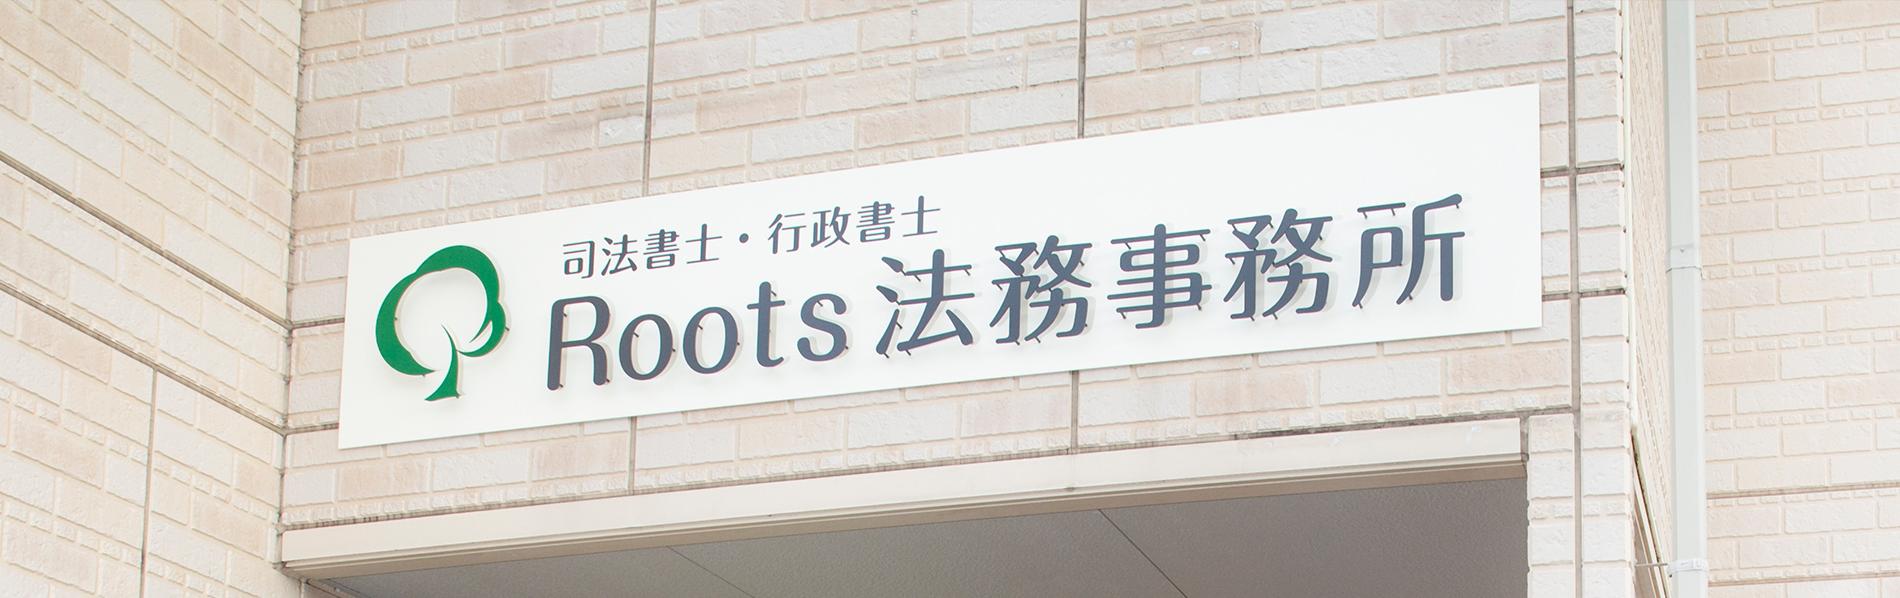 加古川市の司法書士・行政書士「とみき法務事務所」